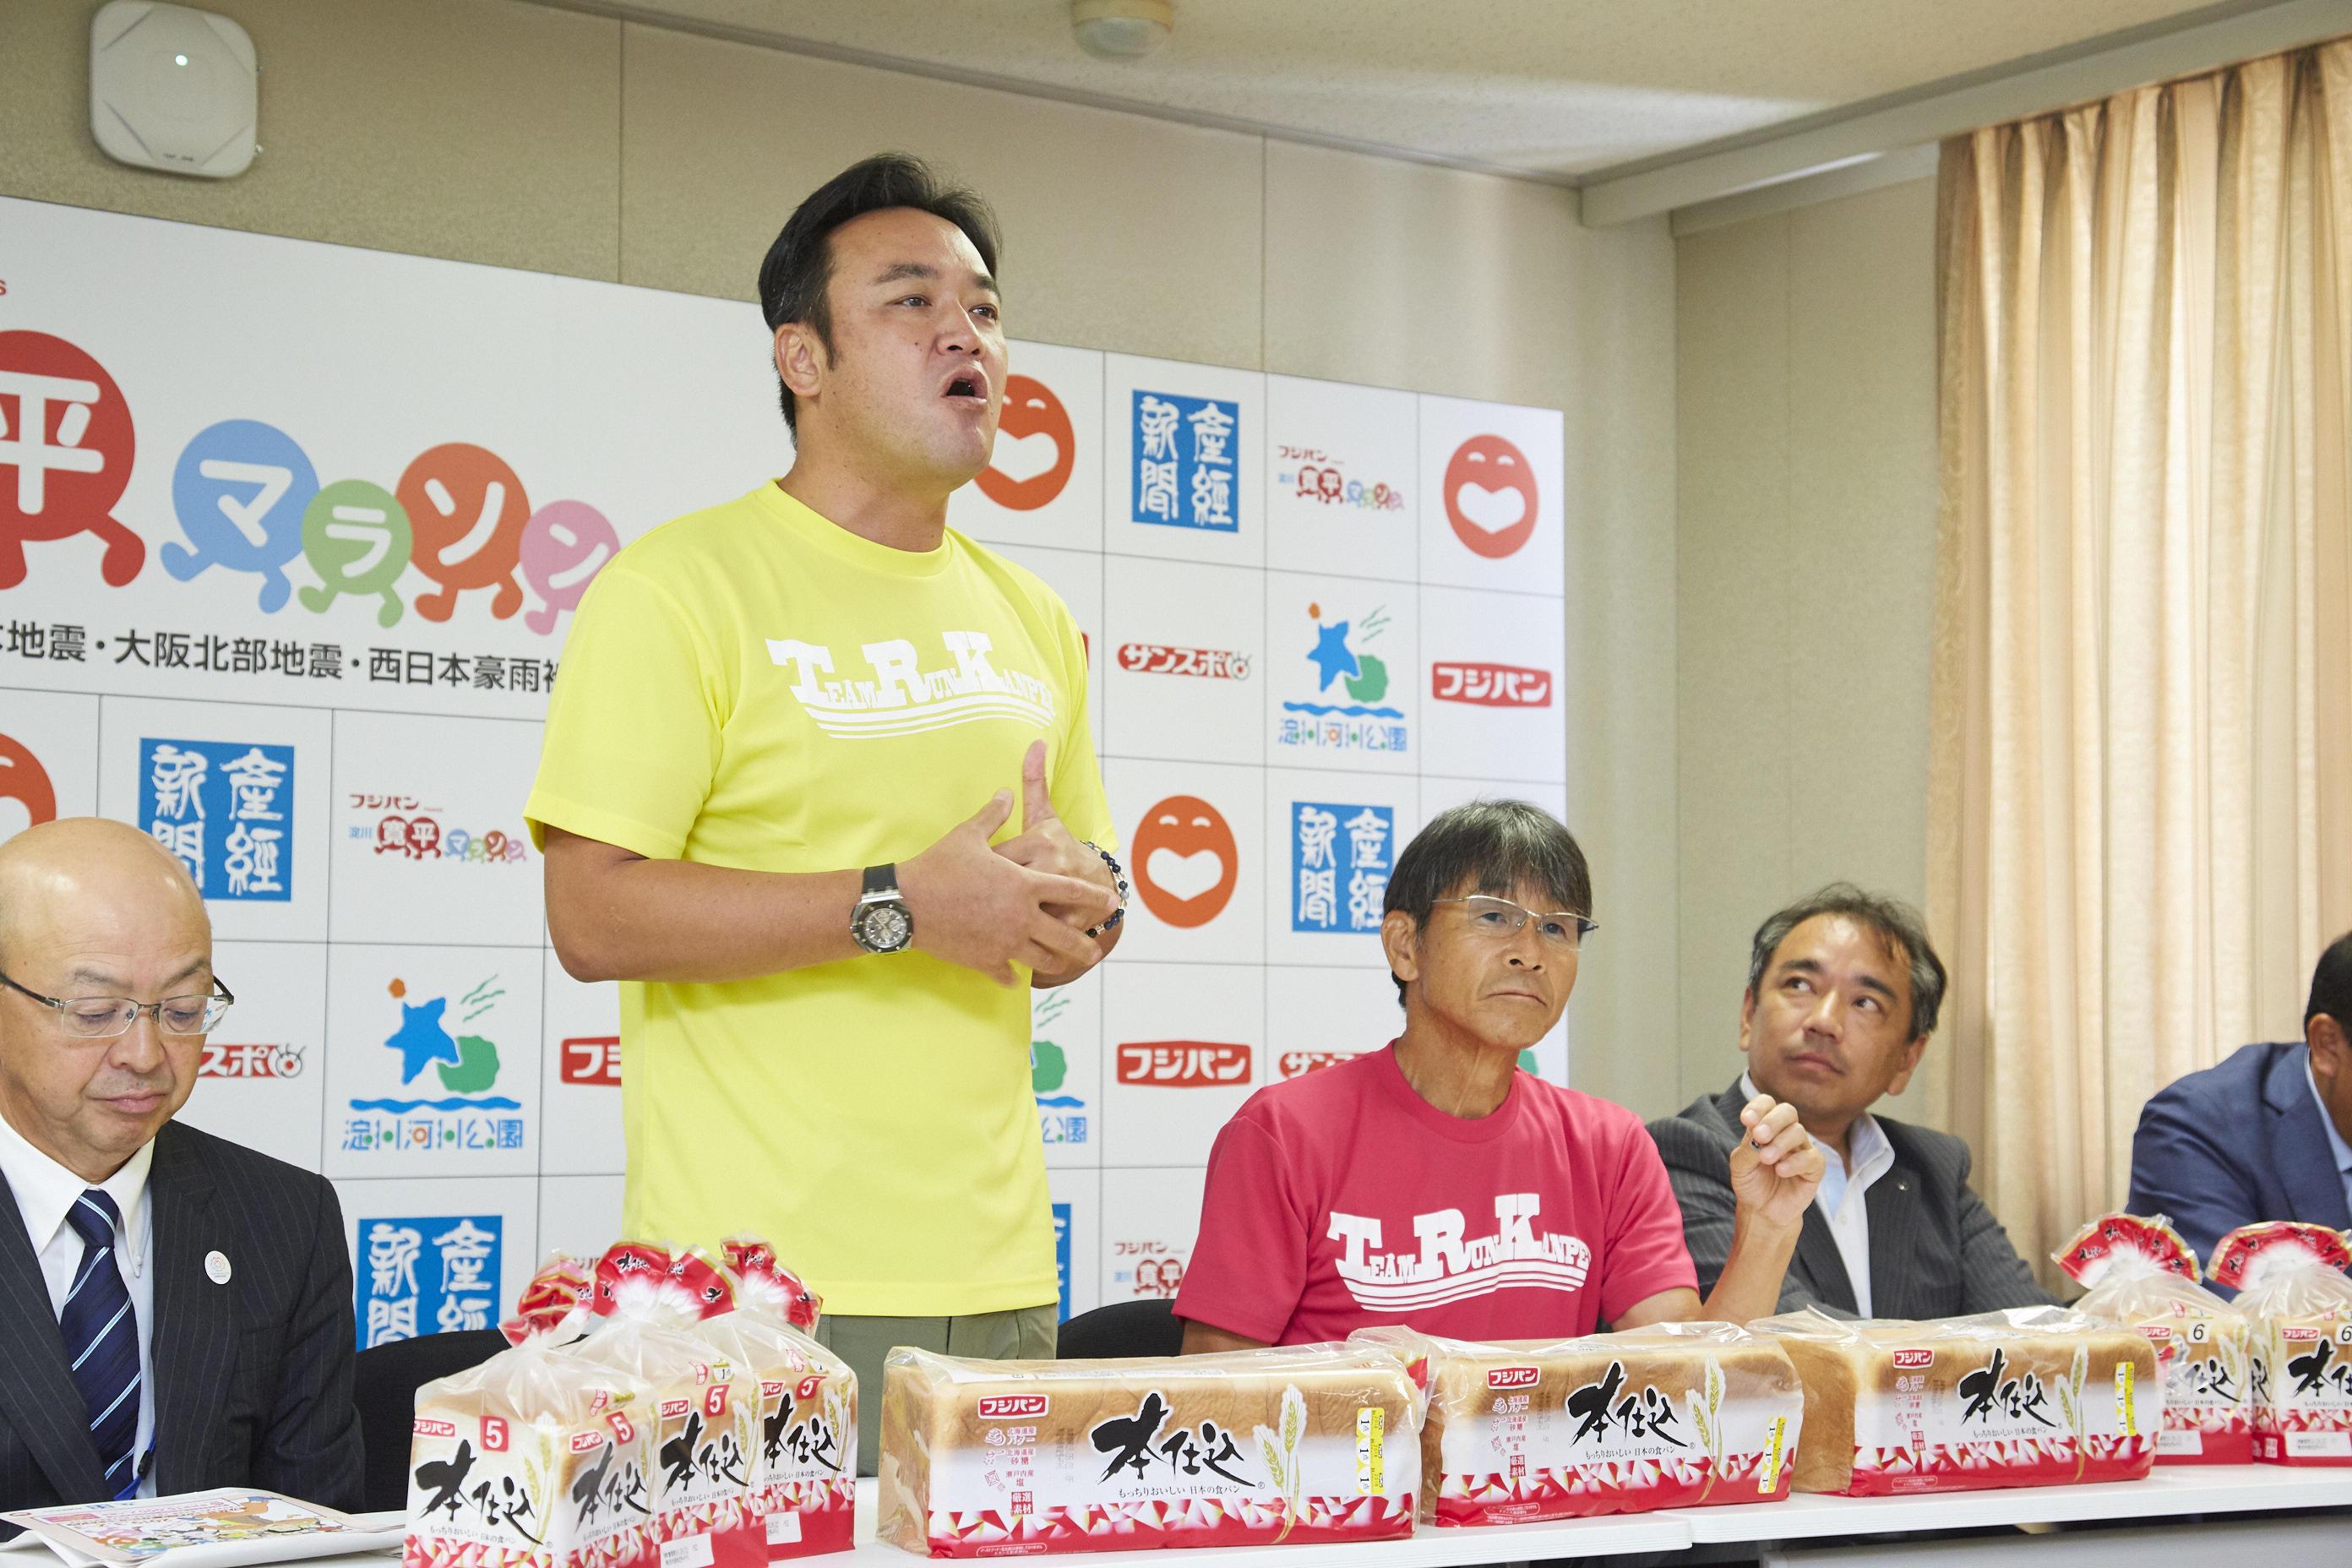 http://news.yoshimoto.co.jp/20180830001604-987a12bf3025a1bad93974fb6ead95d6b134ff61.jpg